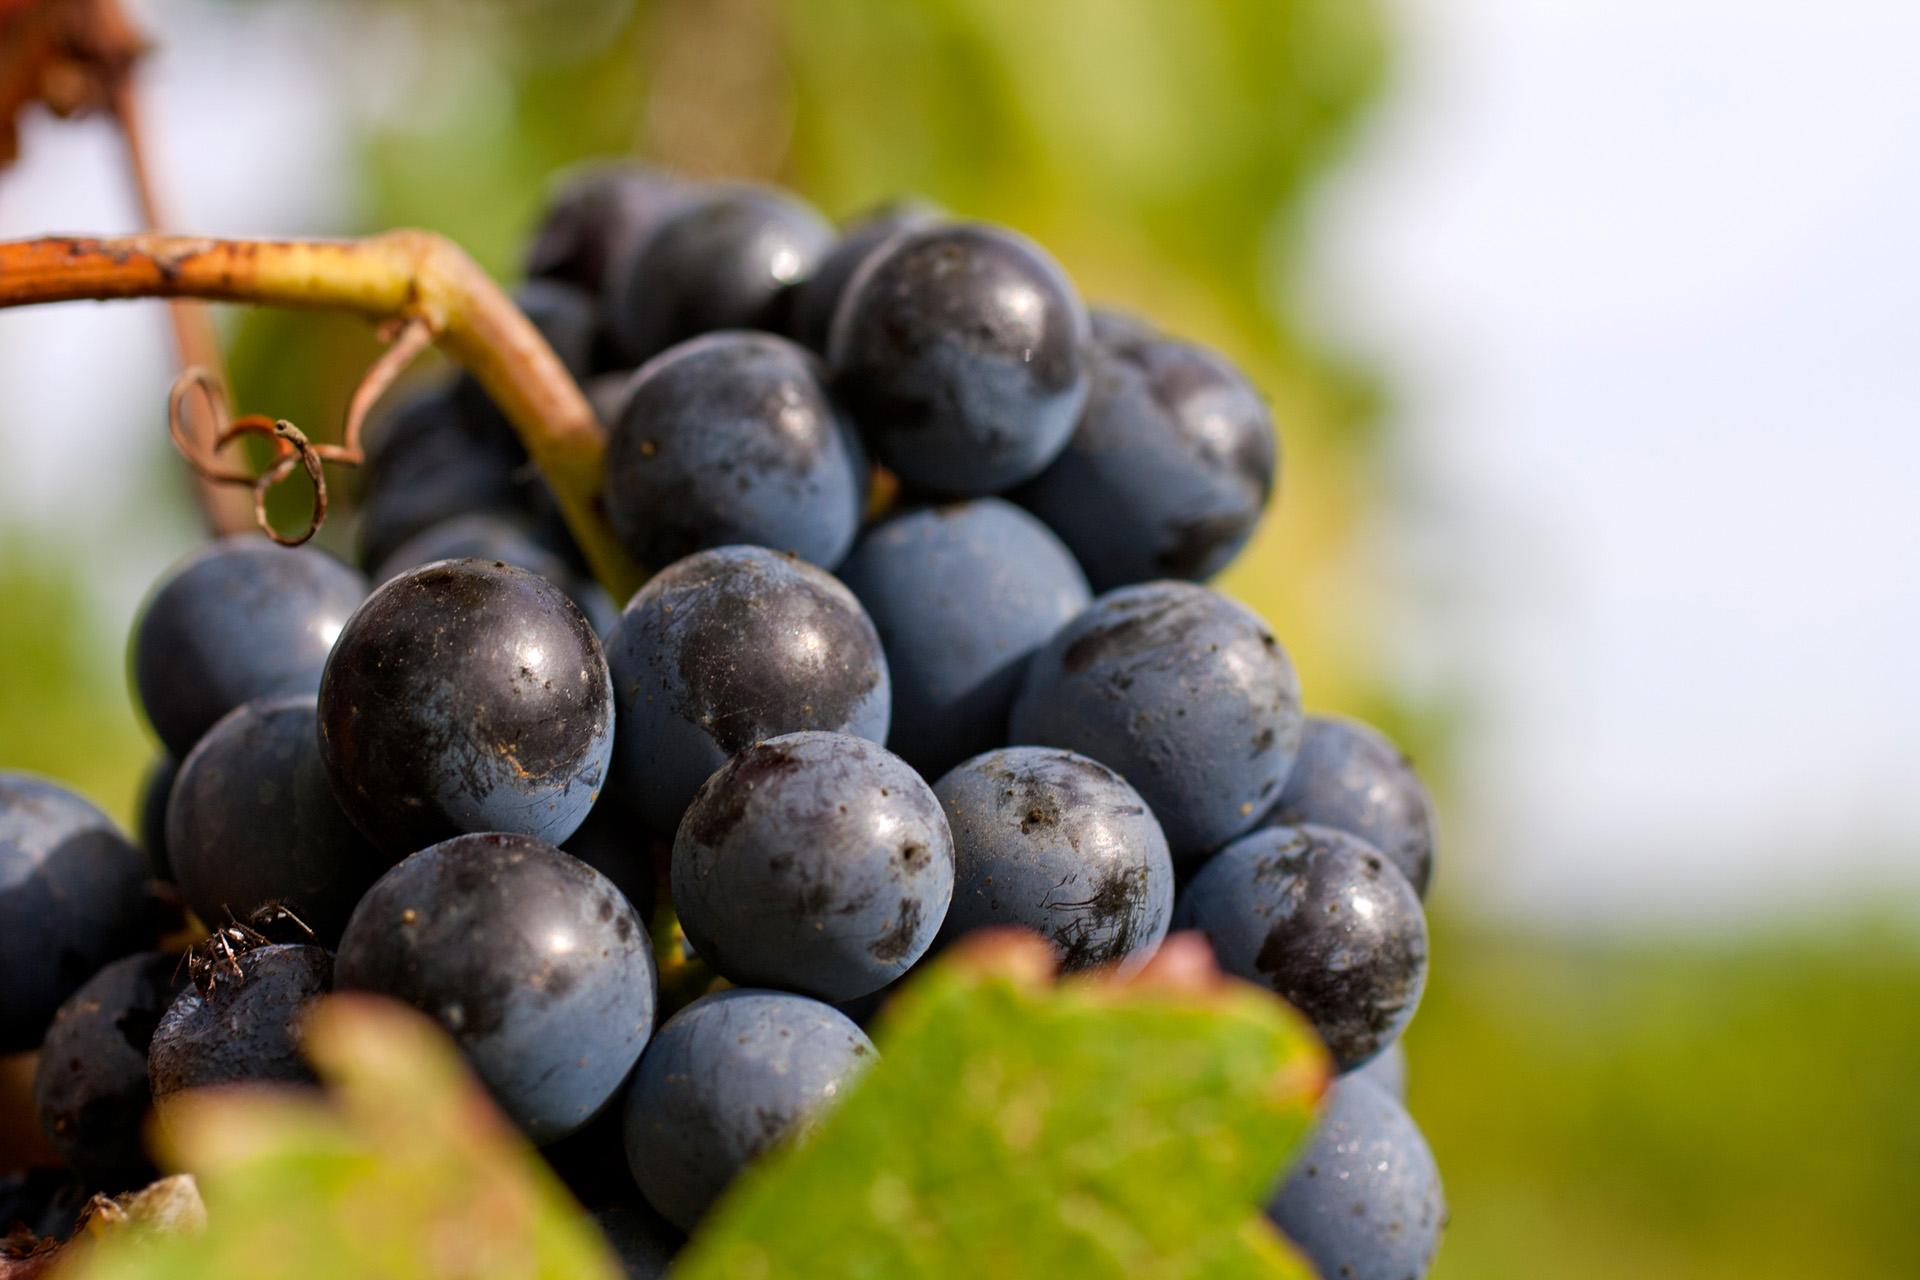 PETIT VERDOT uvas del vino